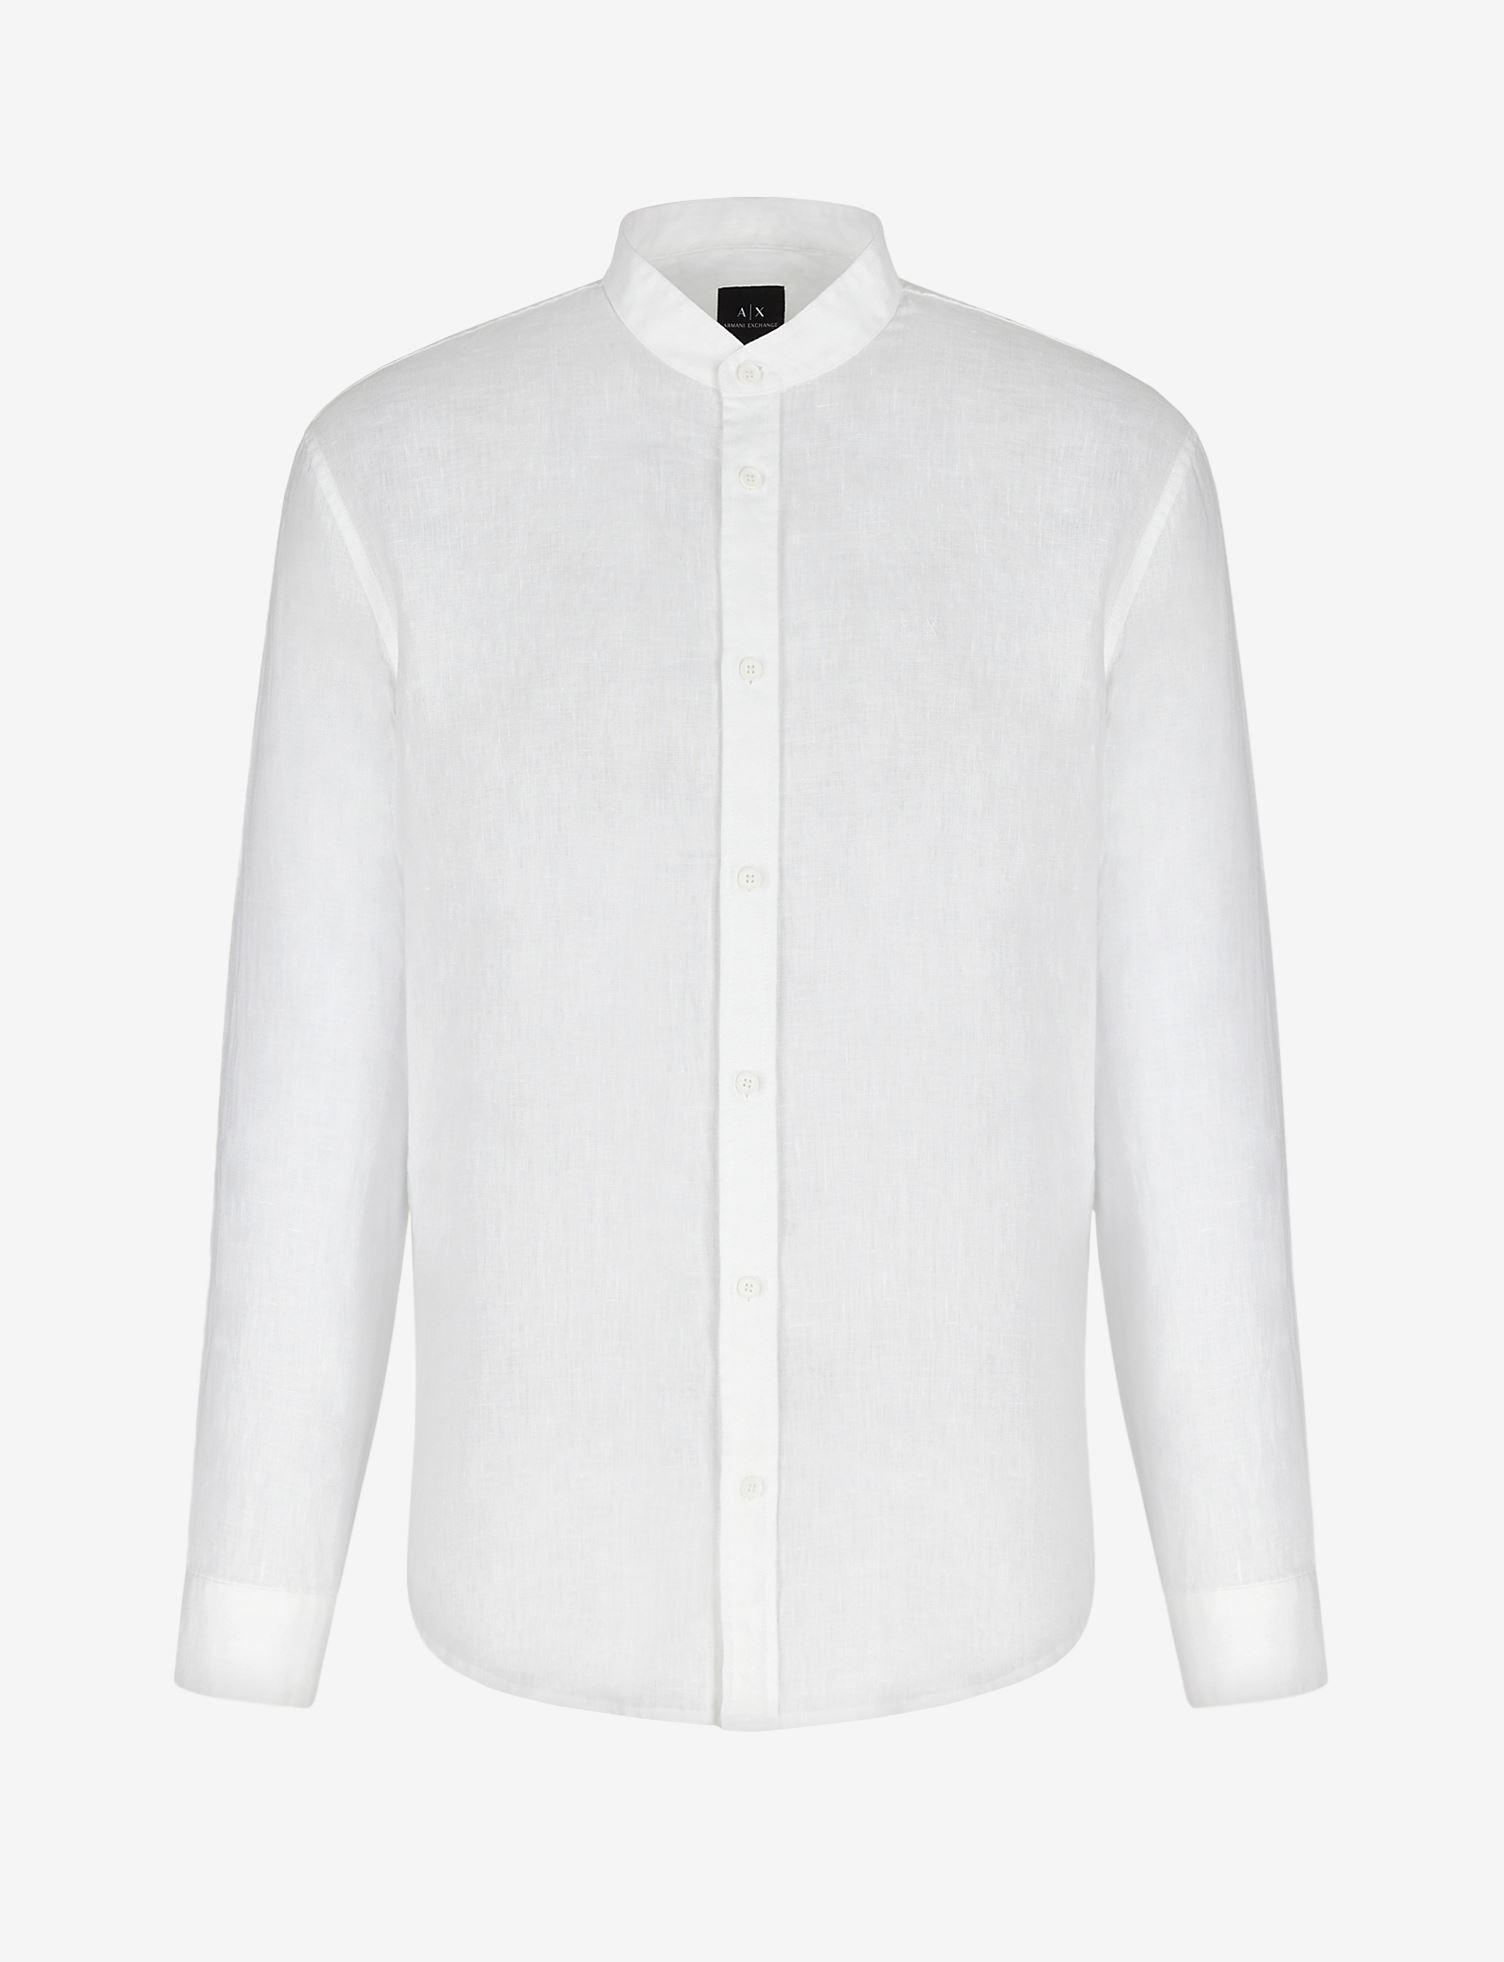 Camicia a maniche lunghe Armani Exchange ARMANI EXCHANGE | Camicia | 3KZC69-ZNCFZ1100